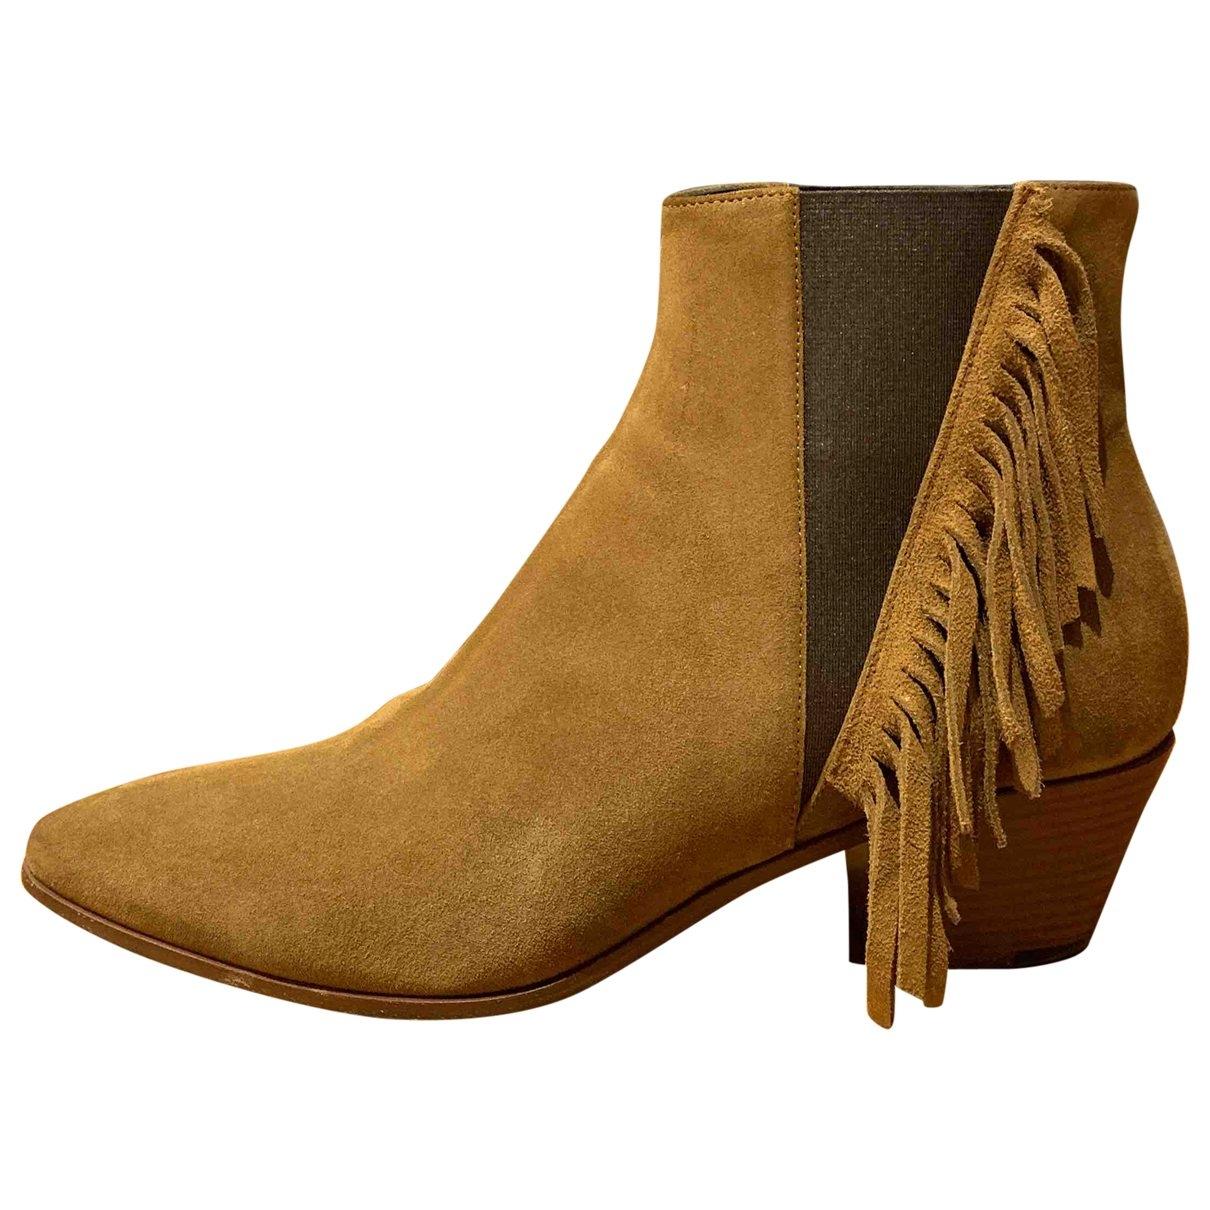 Saint Laurent Dakota Camel Suede Ankle boots for Women 37.5 EU